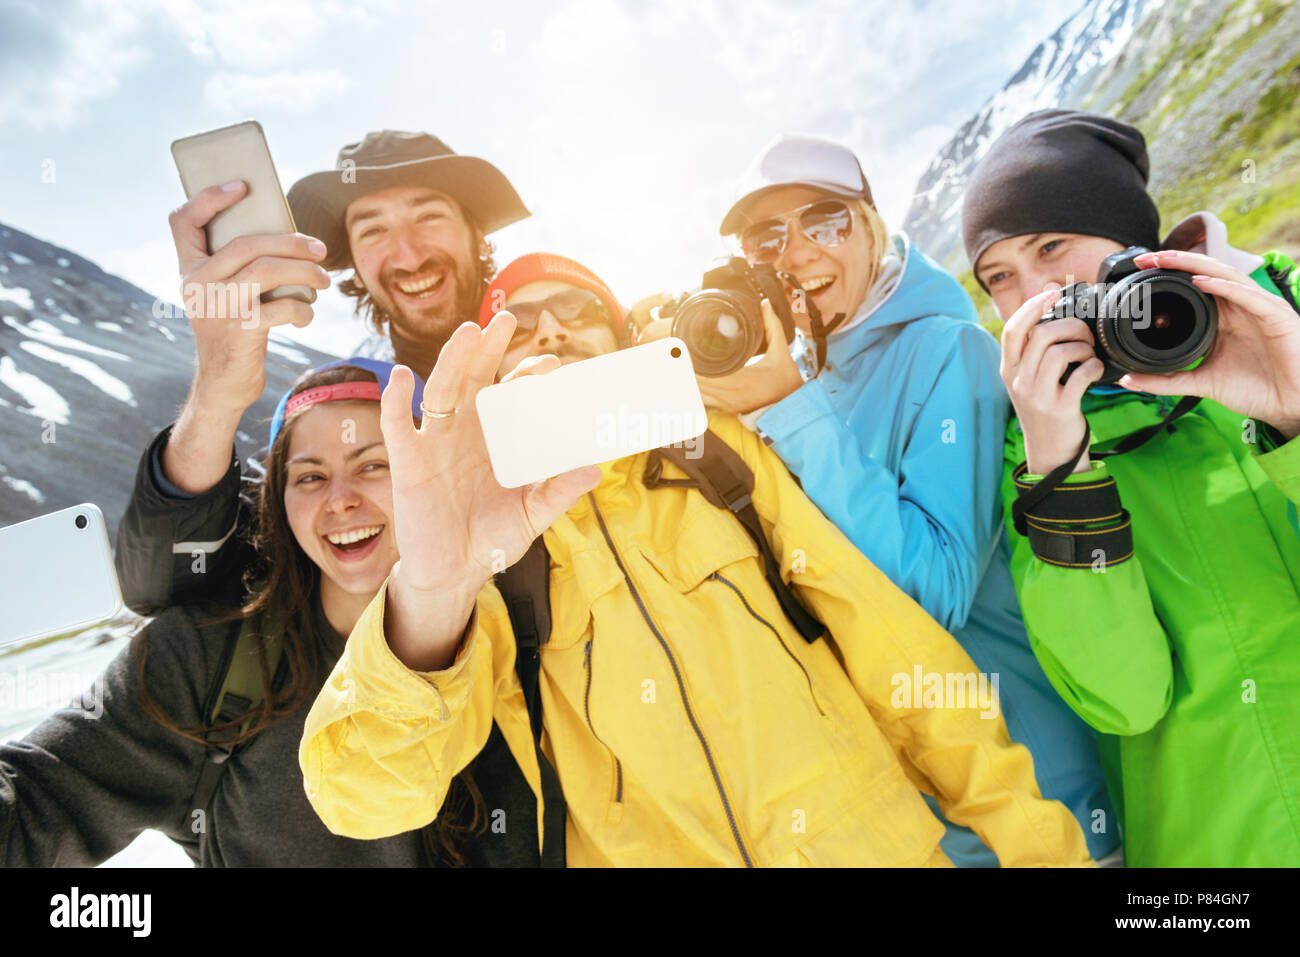 Grupo feliz amigos turistas foto selfie Foto de stock